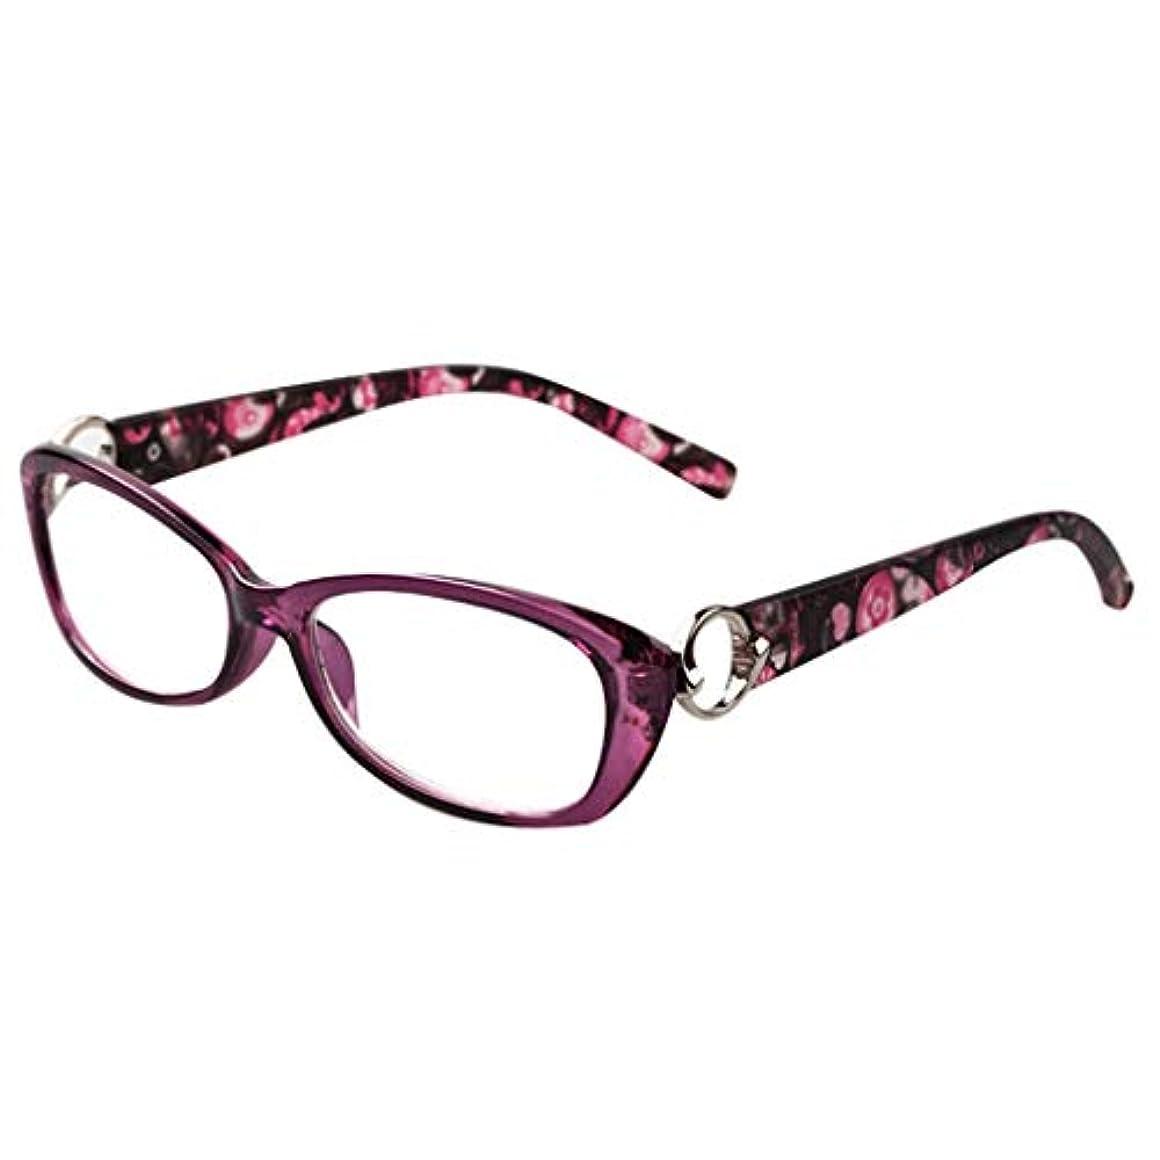 耐えられる生き残ります殺人LCSHAN Tr90老眼鏡レトロHD放射線抗疲労遠視超軽量コンフォート+1.5 (Color : 300 degrees)